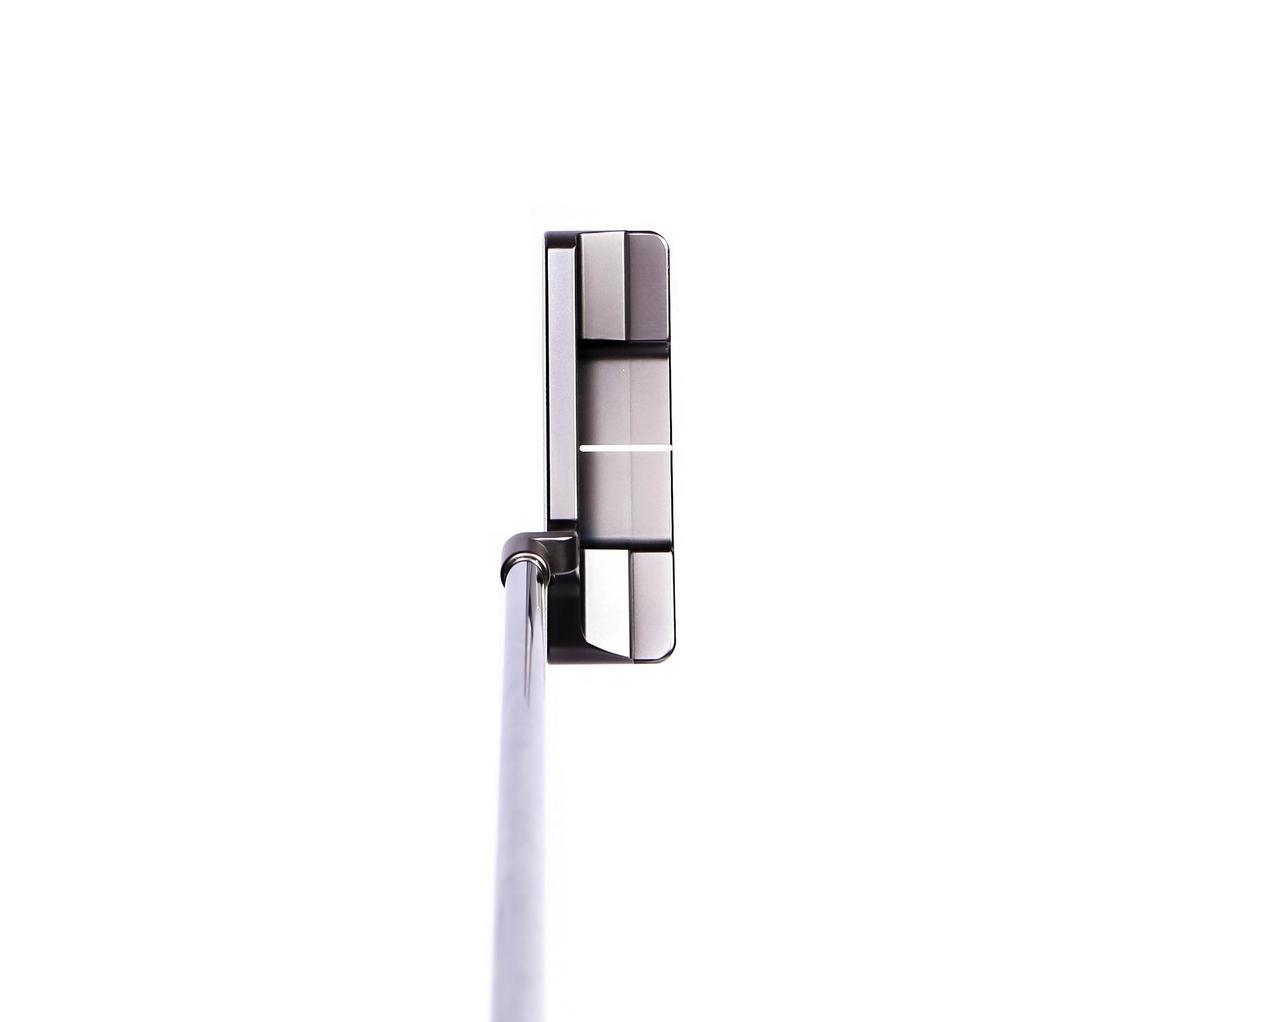 画像7: ピレッティから新モデル 重ヘッドでロフトは2.5度